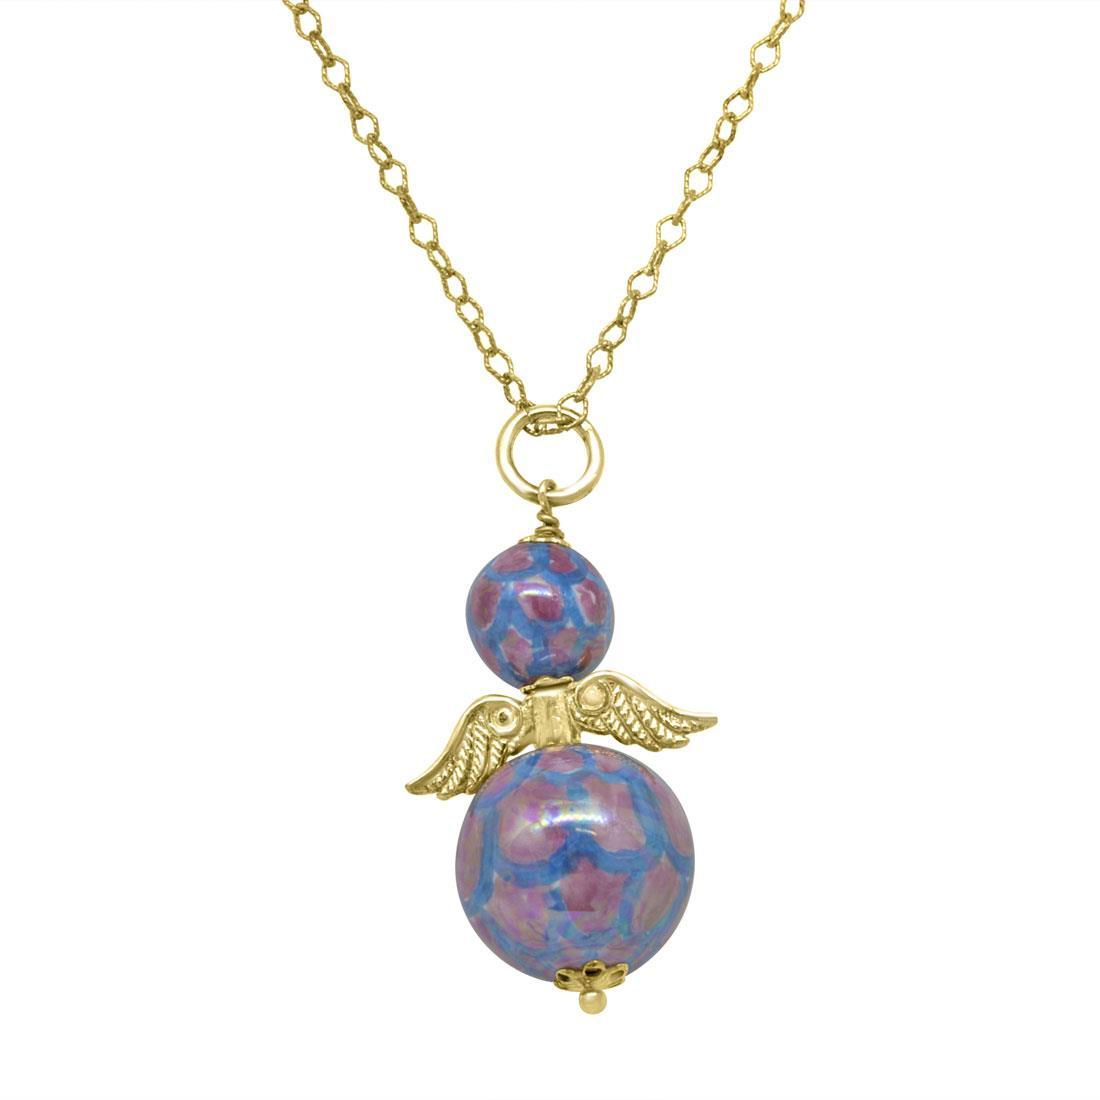 Collana in argento con angioletto - LE PERLE DI CALTAGIRONE